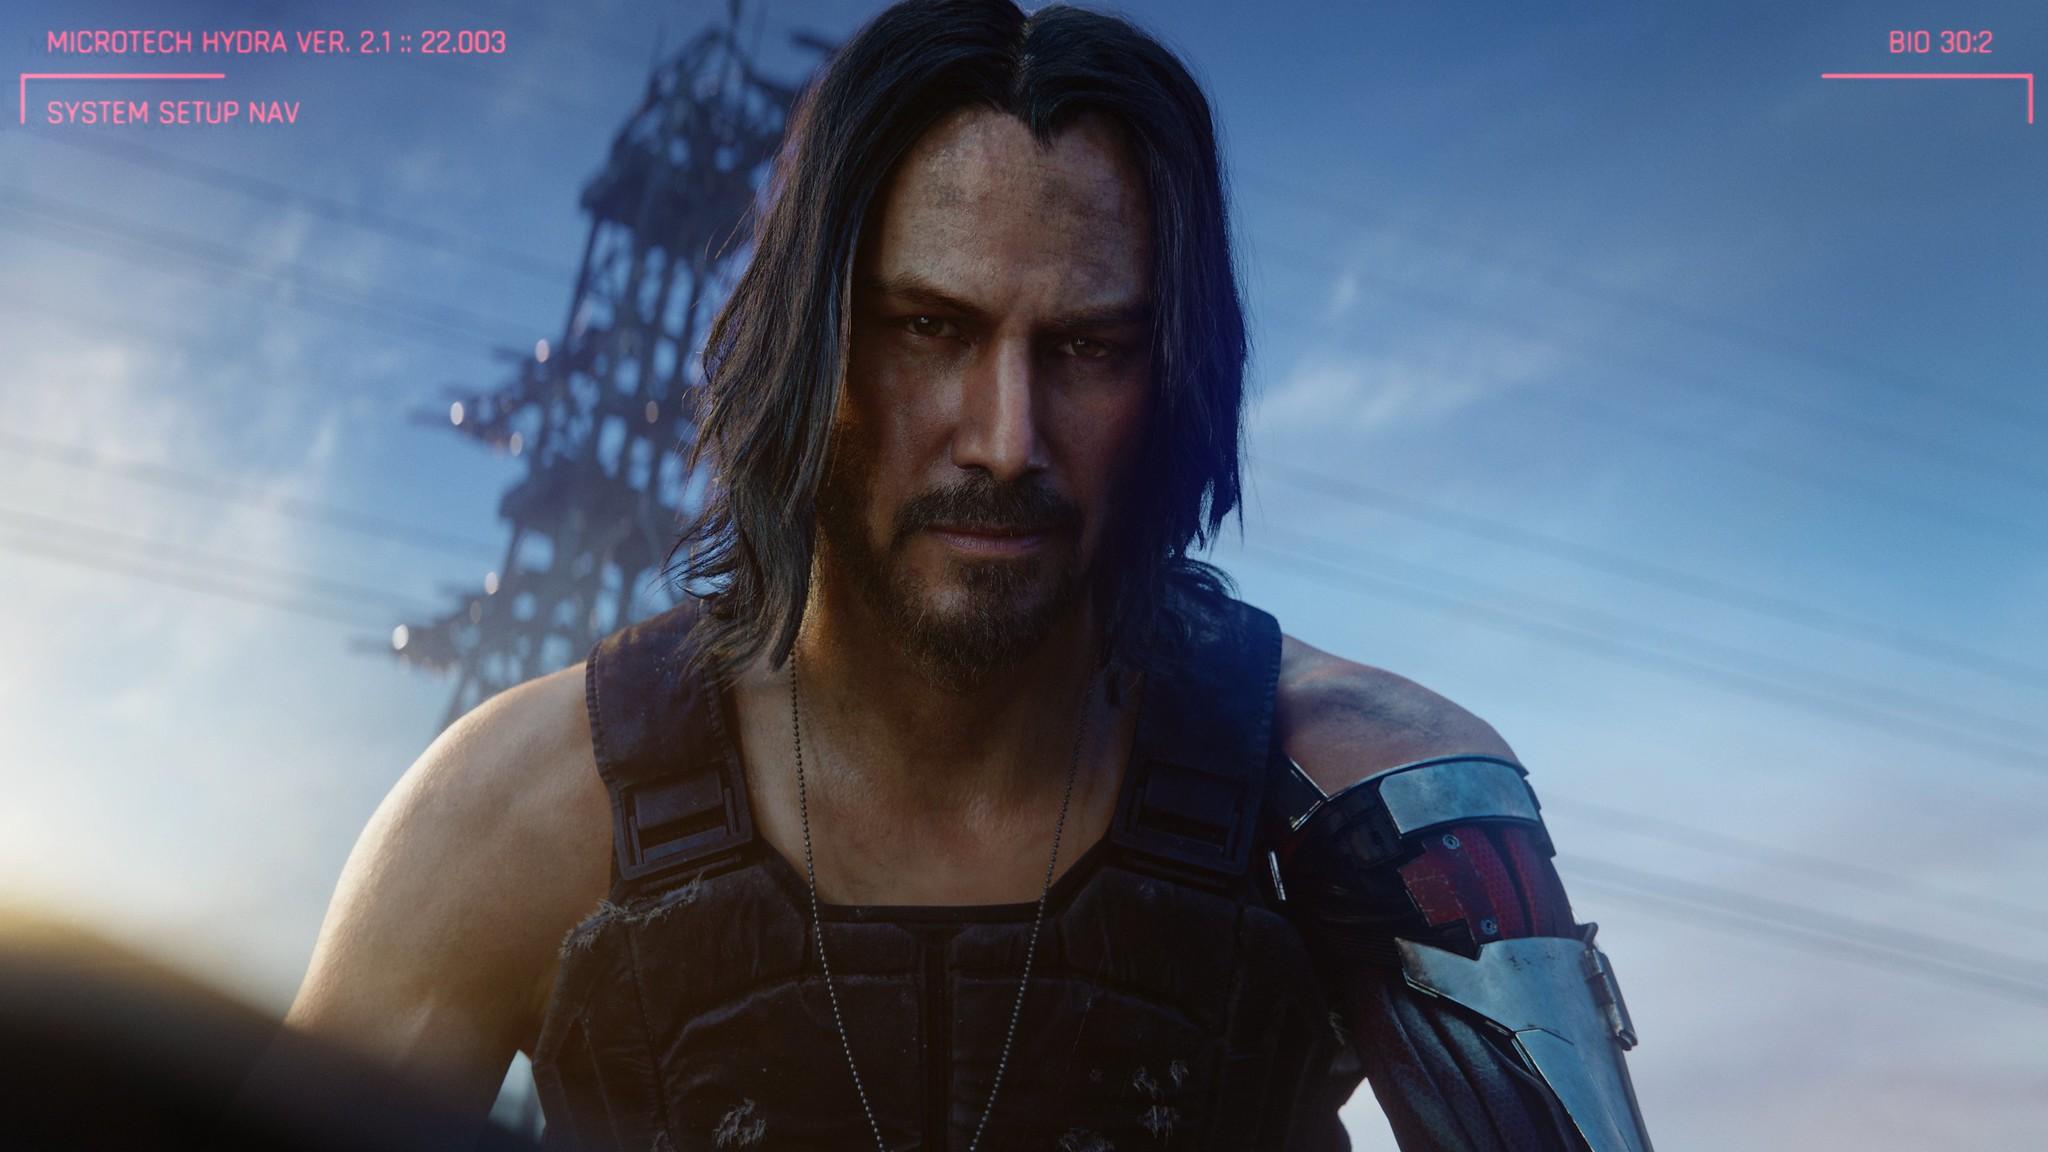 Актер Киану Ривзисполнил роль одногоиз персонажей игры Cyberpunk 2077